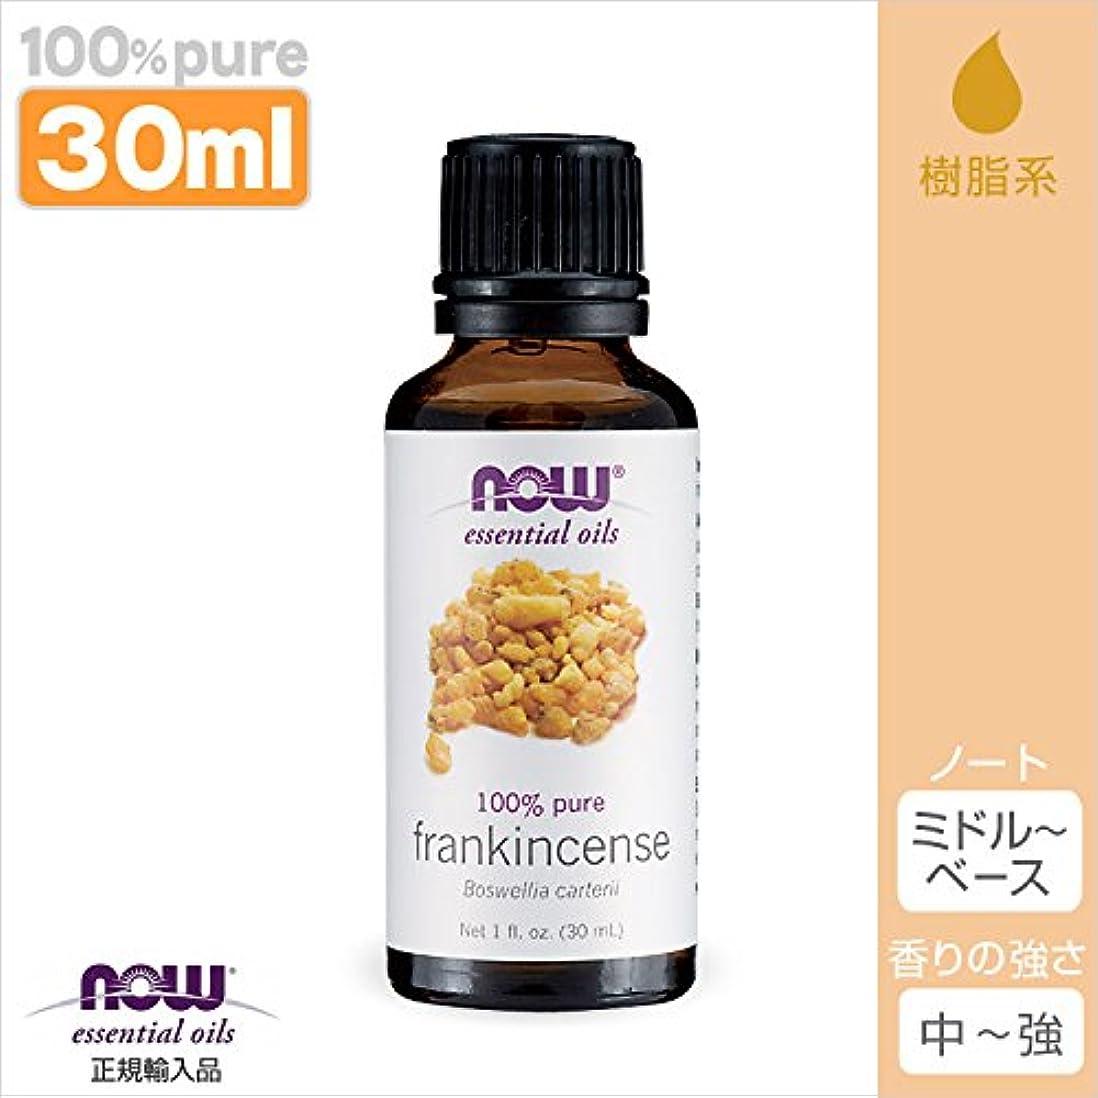 十分微生物に対応フランキンセンス 精油[30ml]  【正規輸入品】 NOWエッセンシャルオイル(アロマオイル)